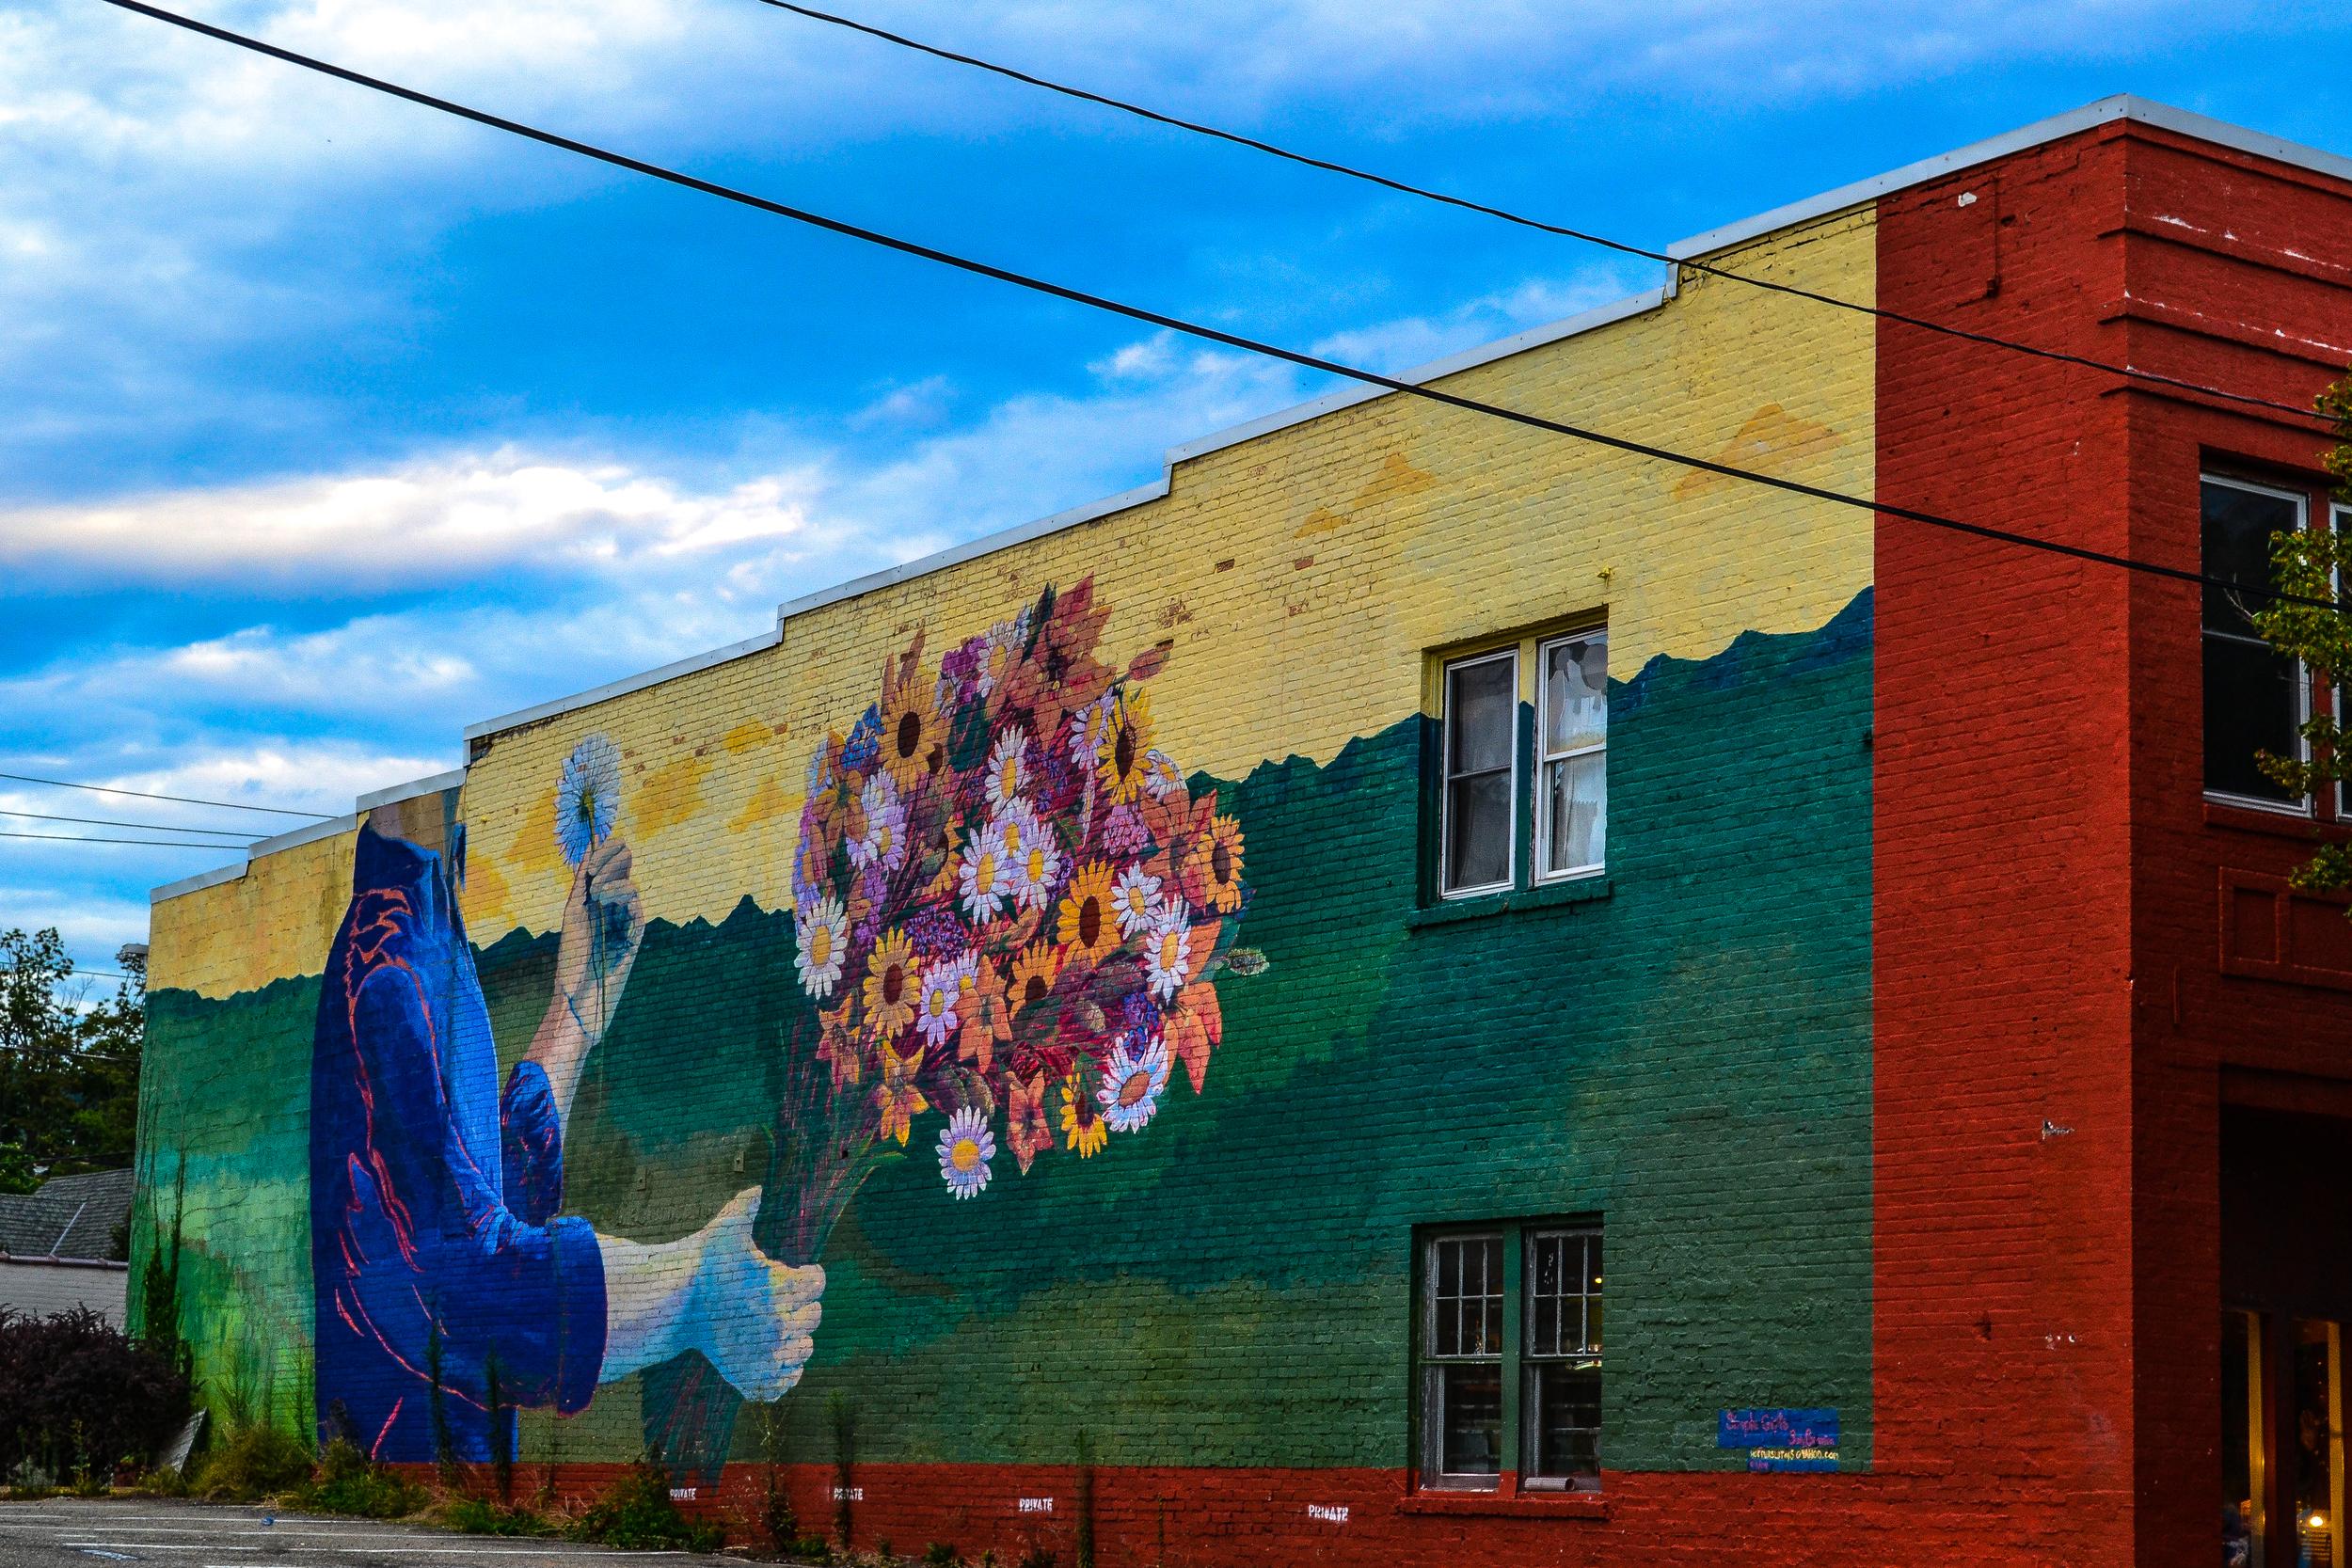 Flower Bouquet Graffiti